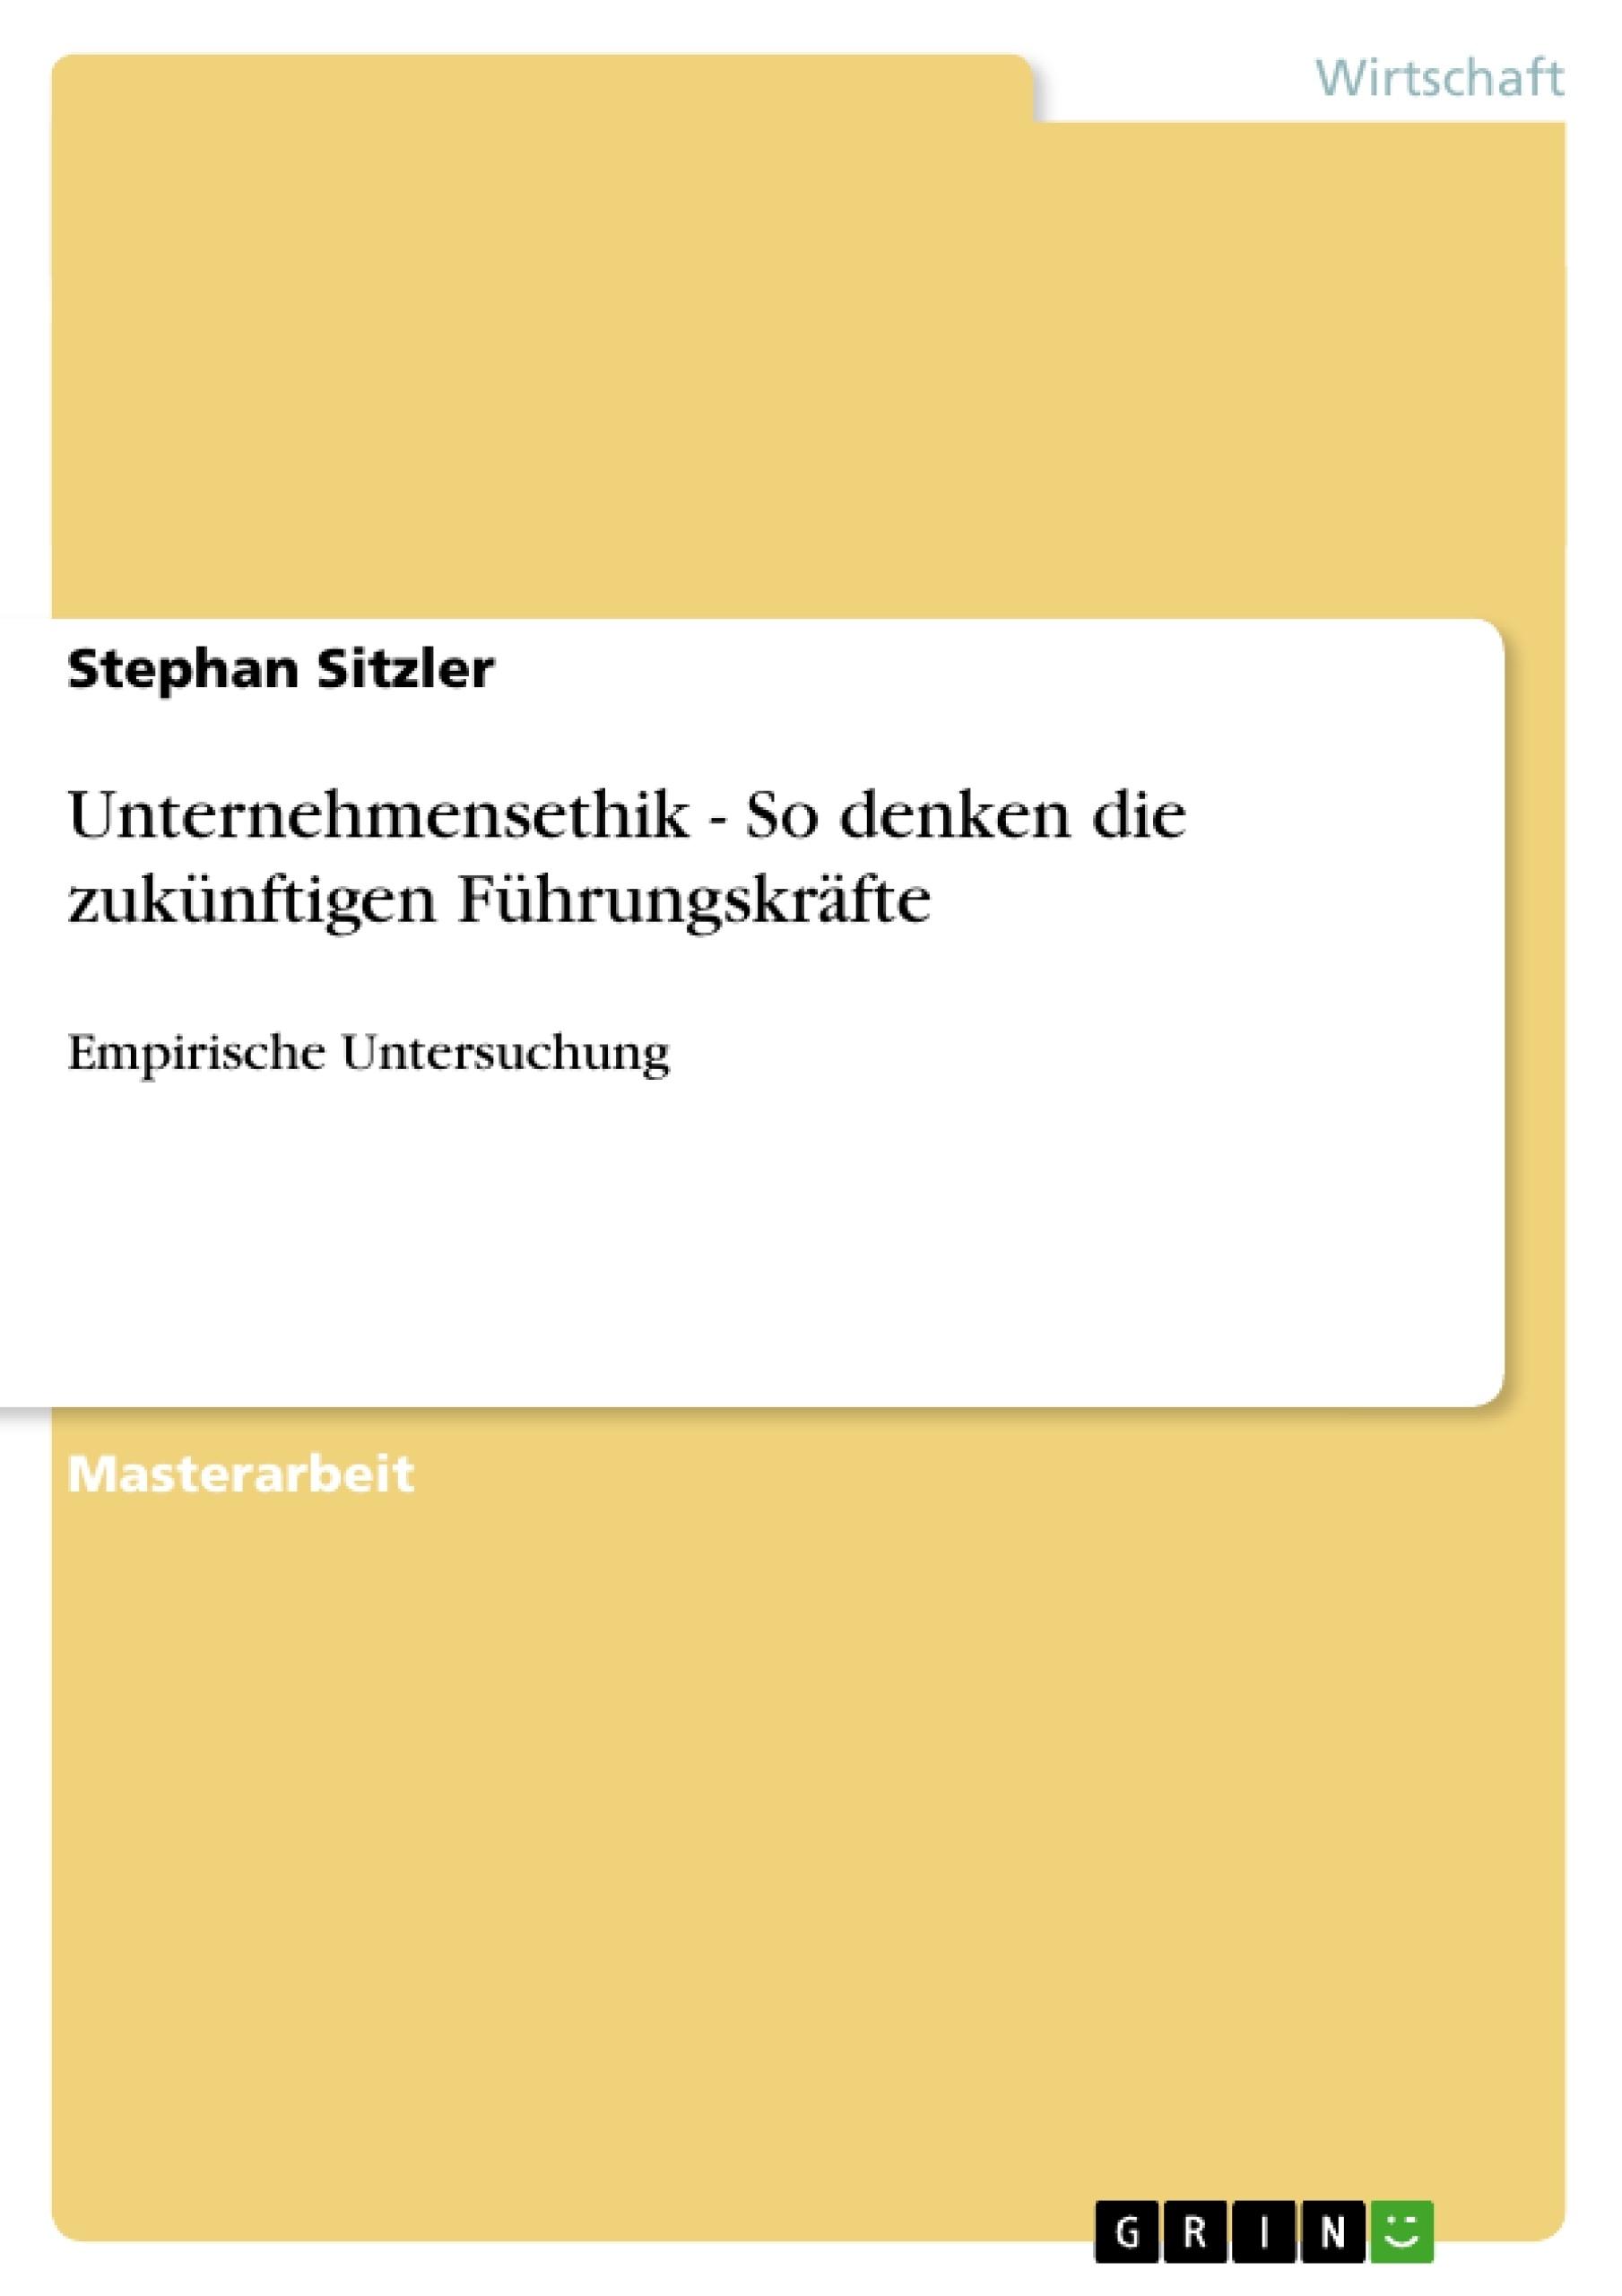 Titel: Unternehmensethik - So denken die zukünftigen Führungskräfte